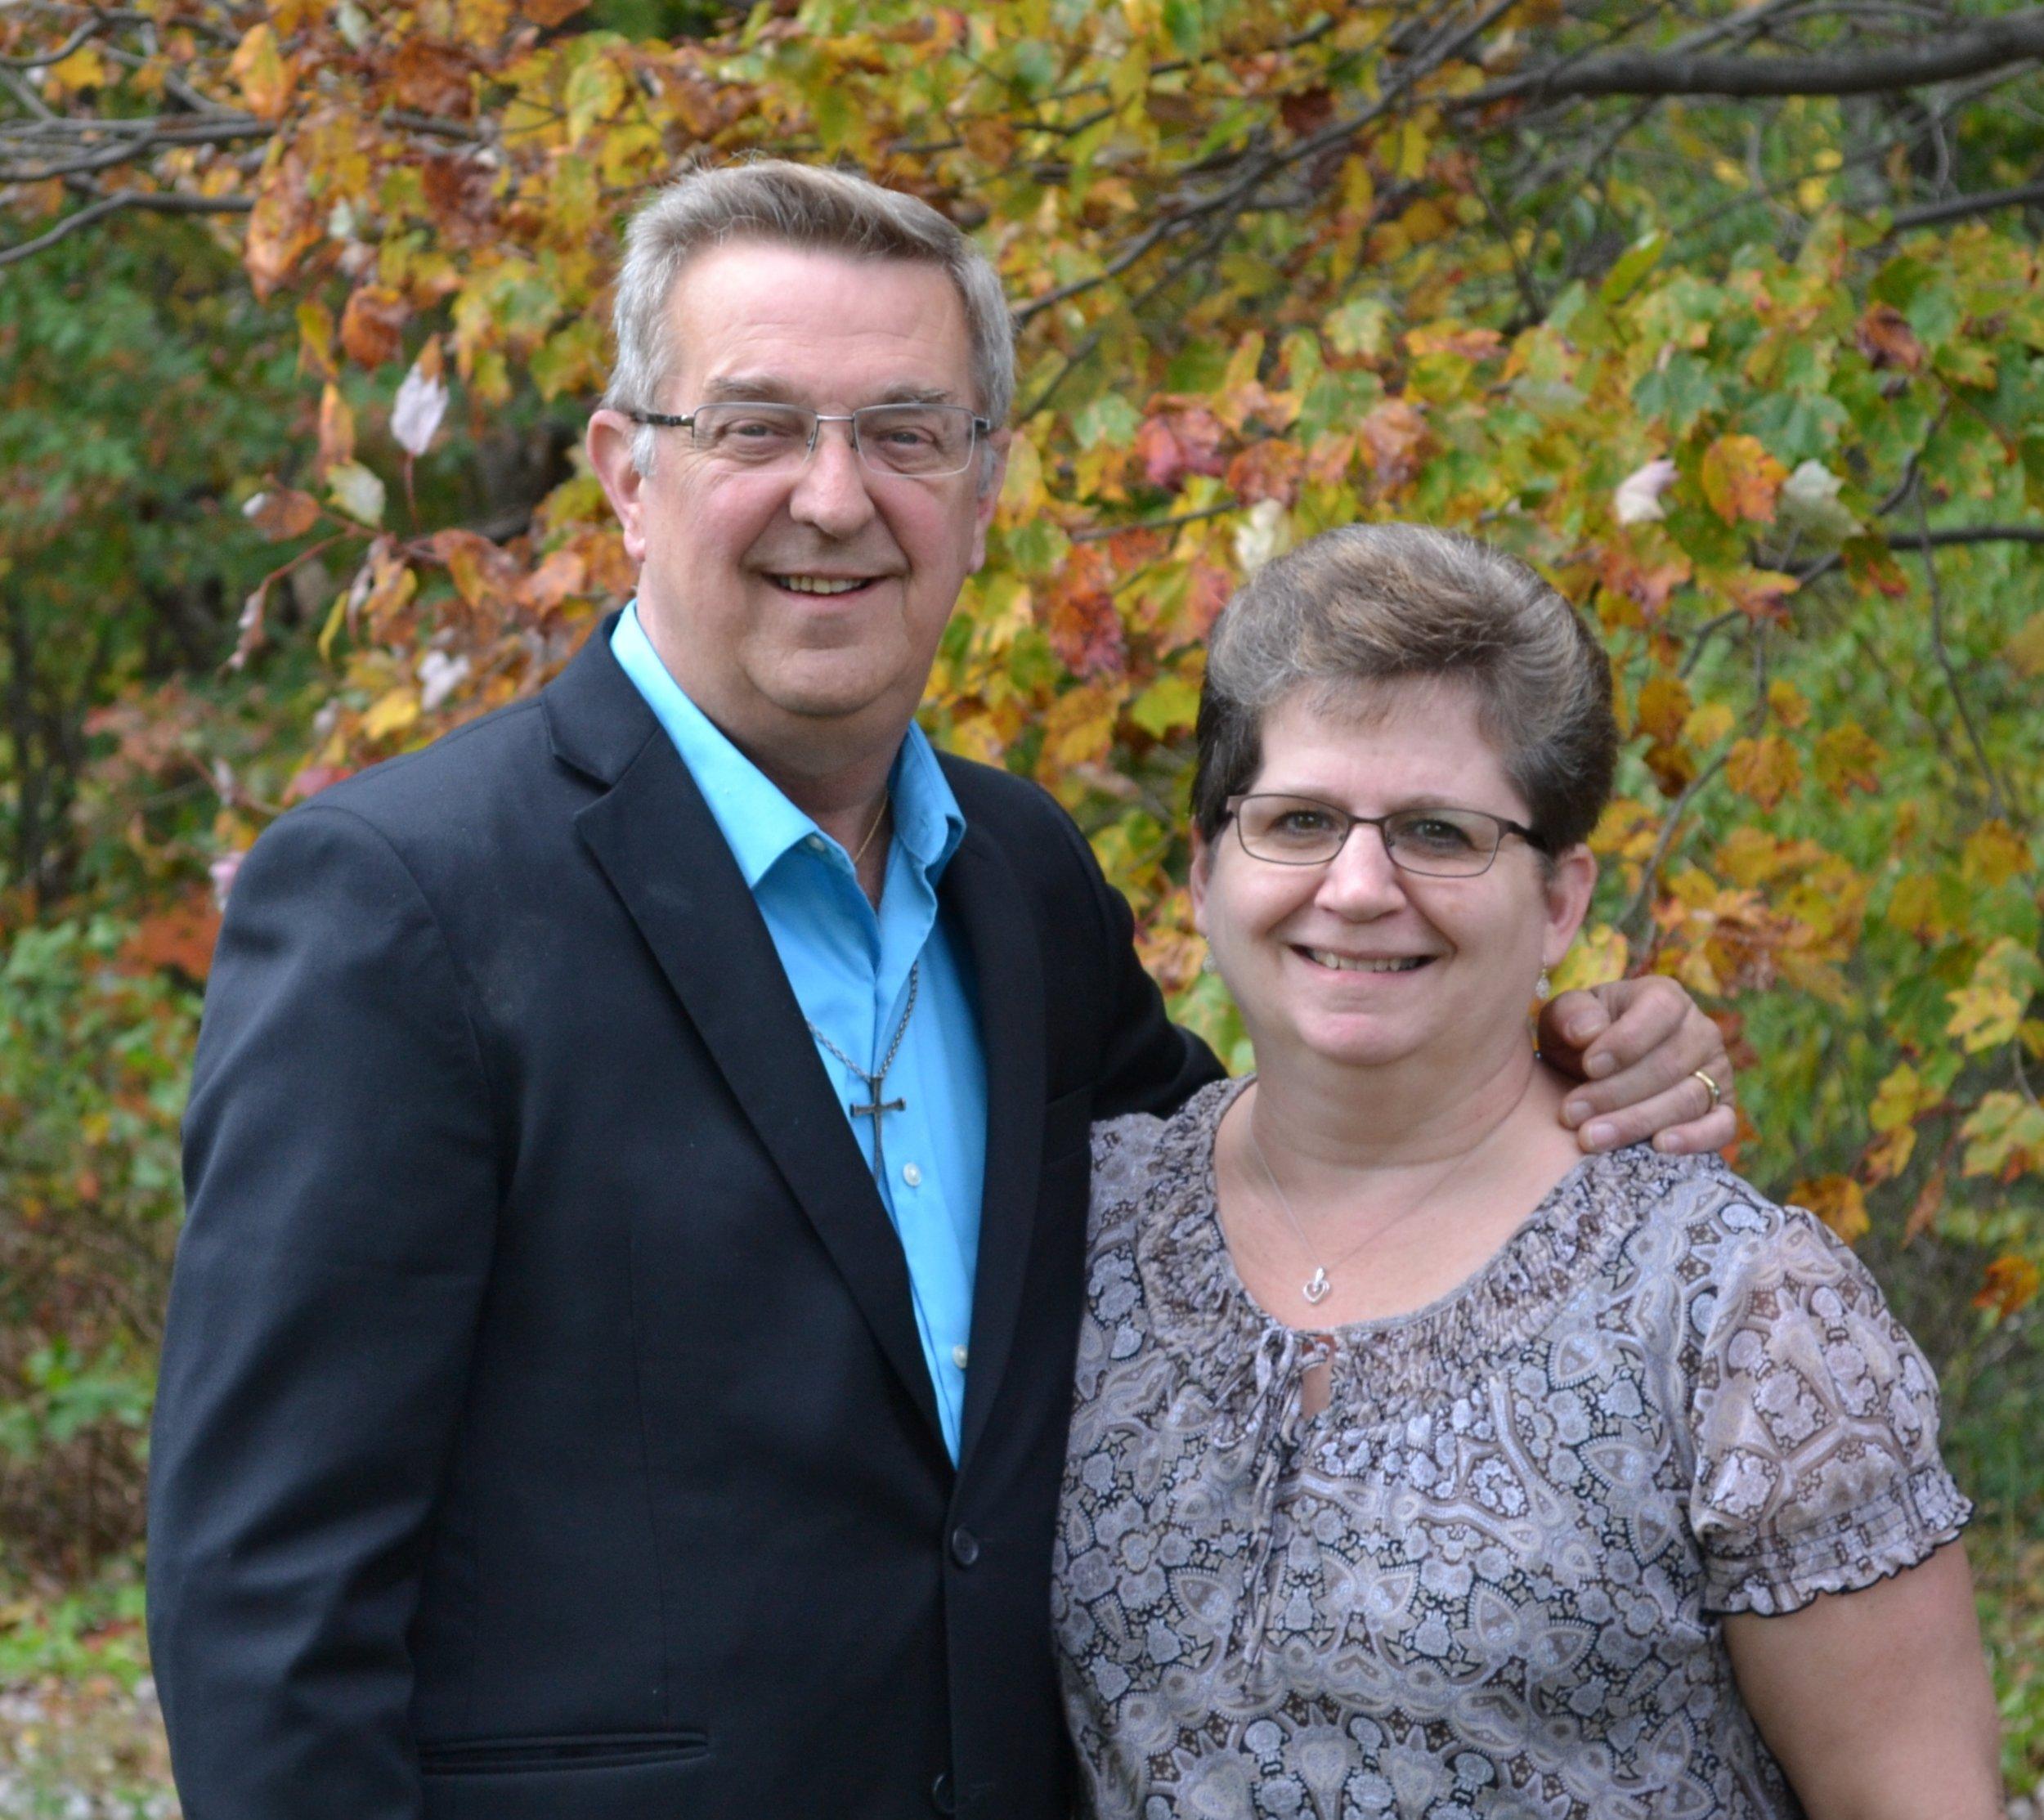 Dan & his wife, LInda